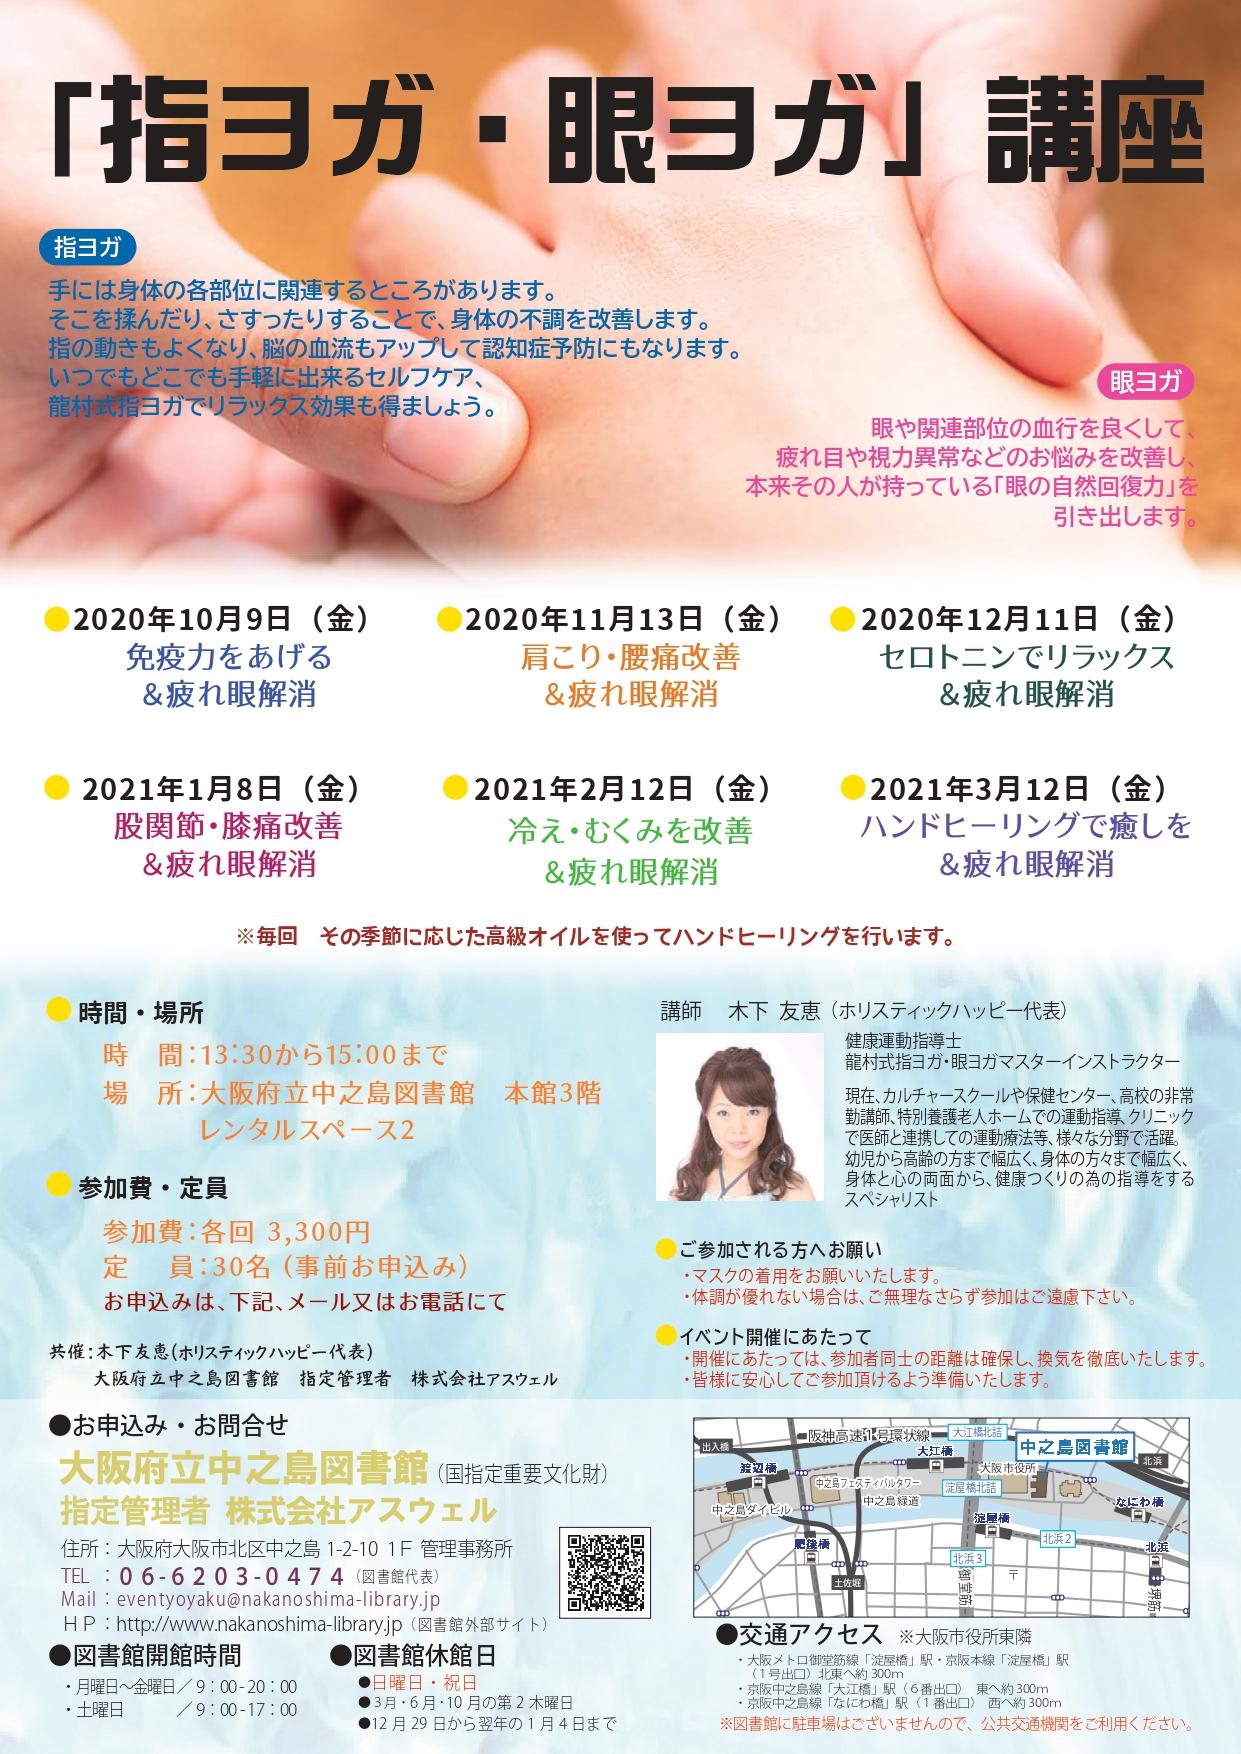 3月12日(金)「指ヨガ・眼ヨガ」講座